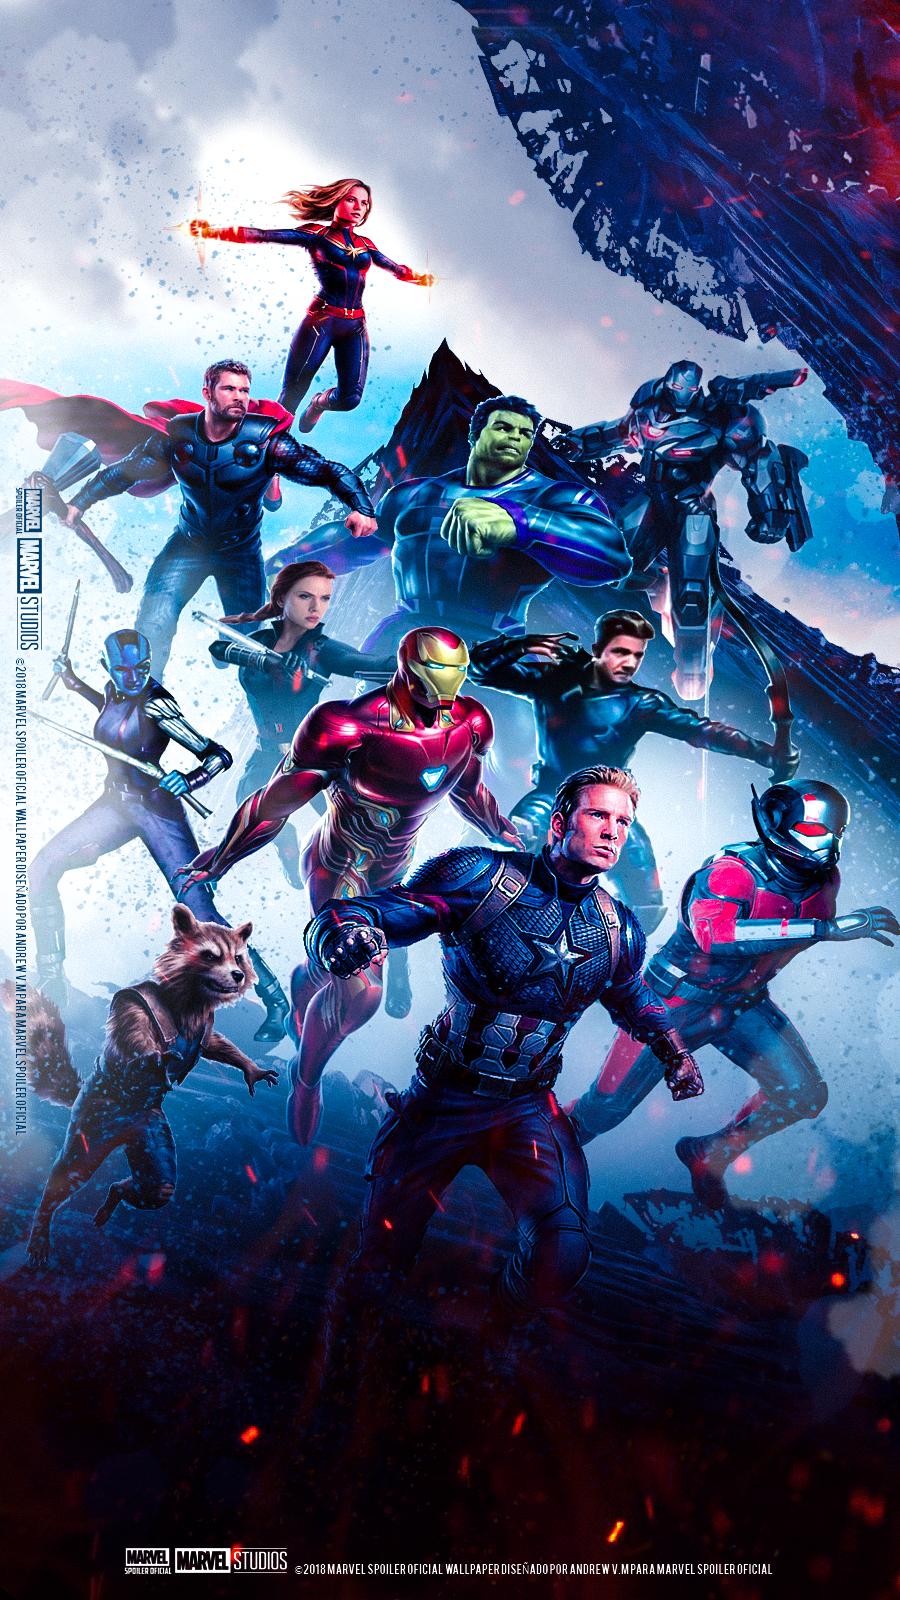 Avengers Endgame Poster Wallpaper Avengers Endgame Full